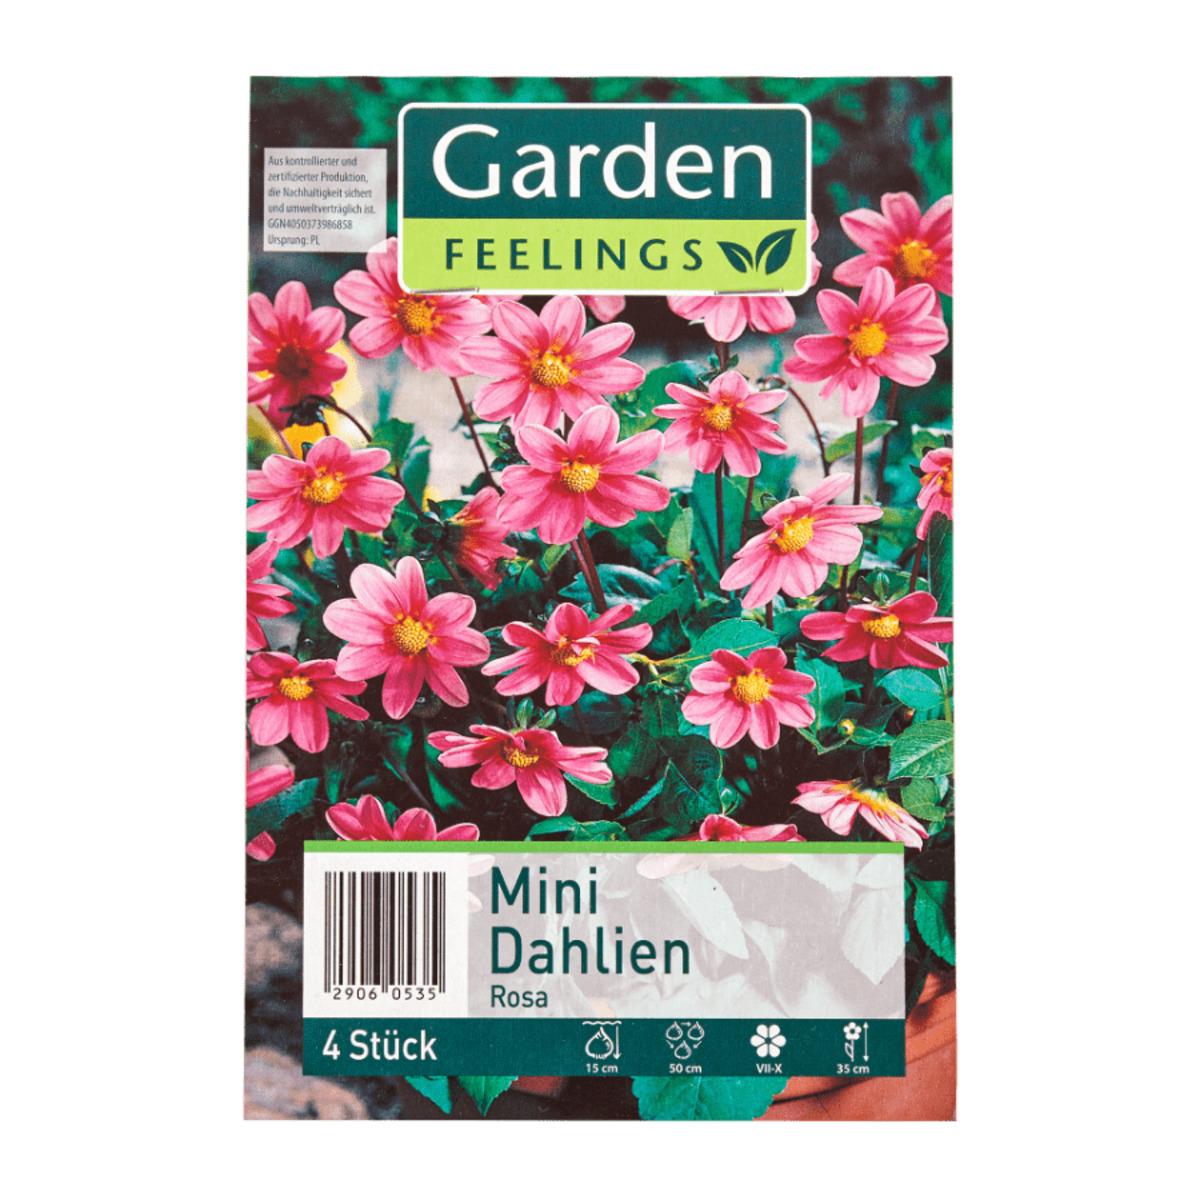 Bild 3 von GARDEN FEELINGS     Frühjahrsblumenzwiebeln